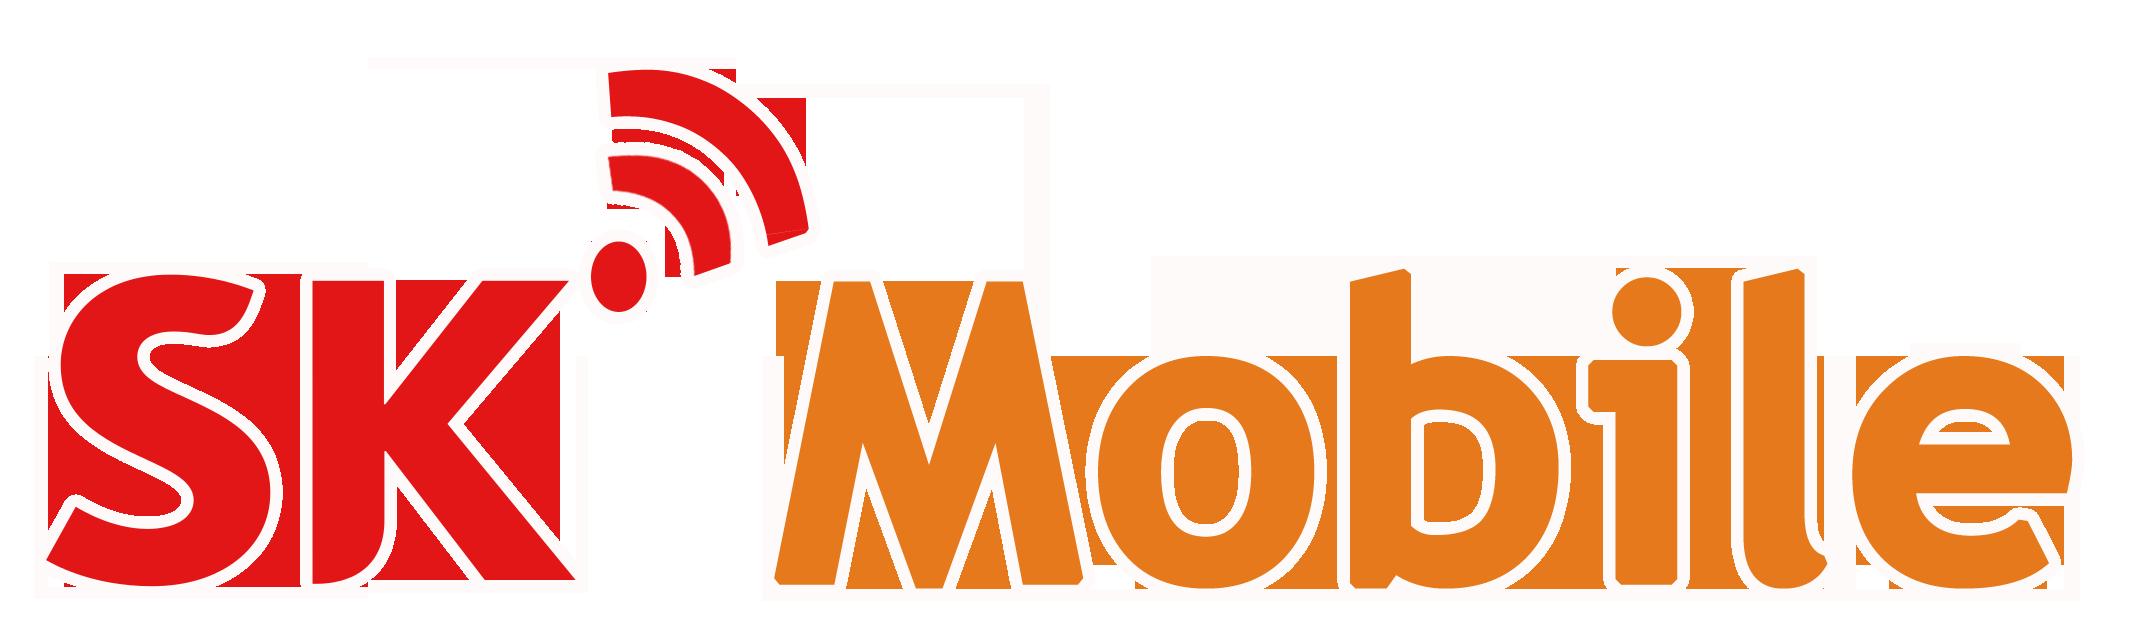 SKMobile- Trung Tâm Bảo Hành Sửa Chữa Điện Thoại Máy Tính Bảng Uy Tín